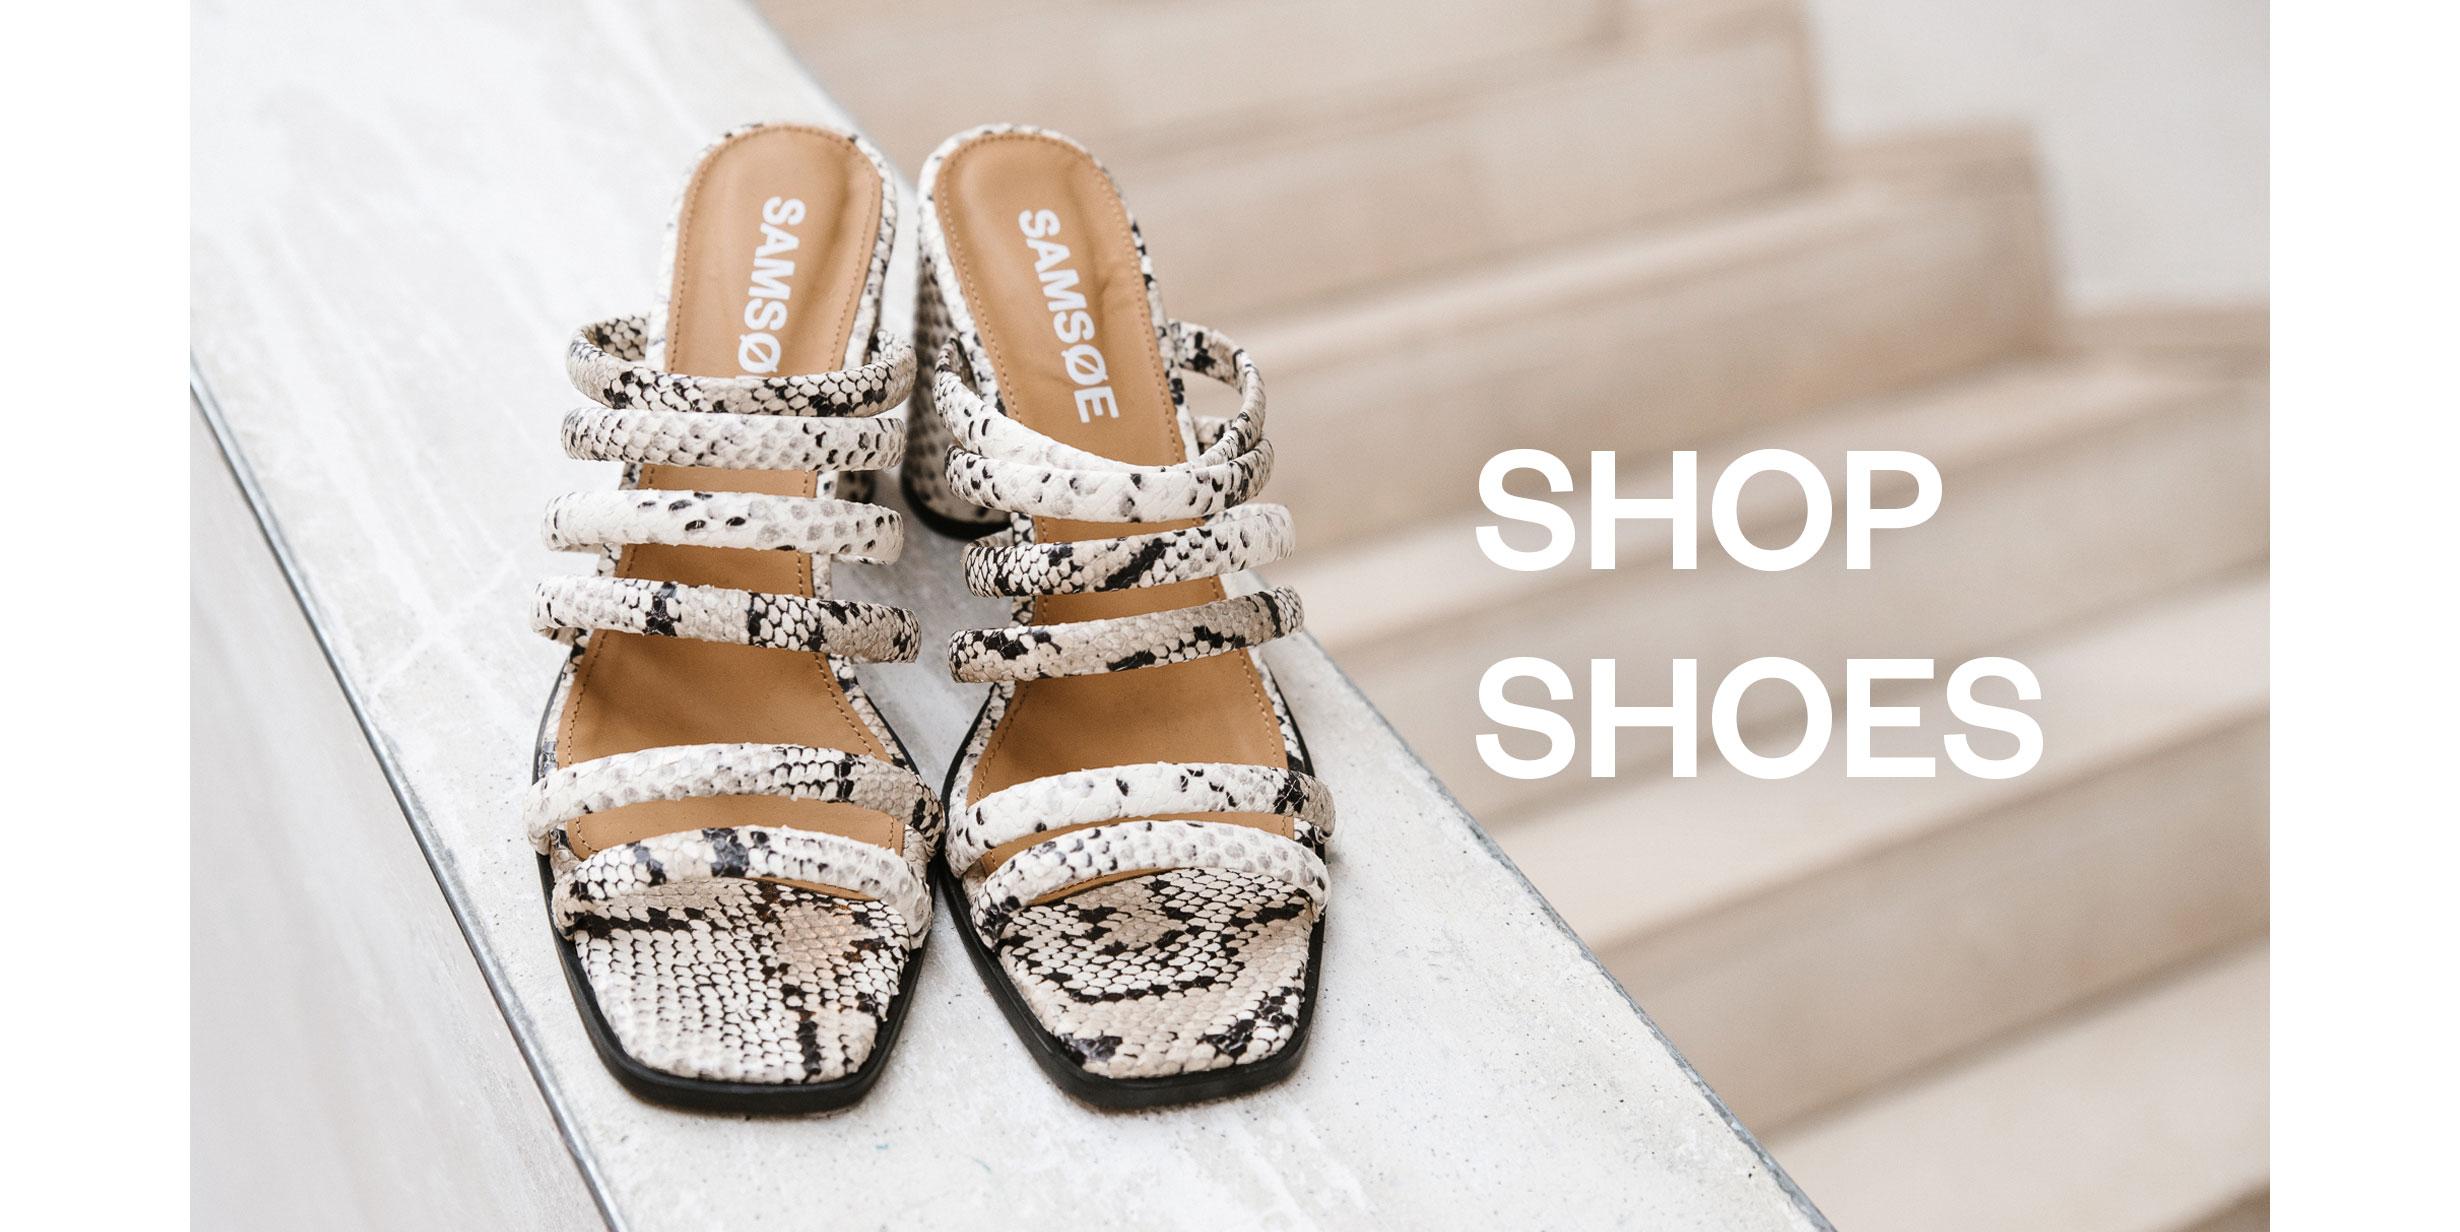 Shop Shoes Women's fashion